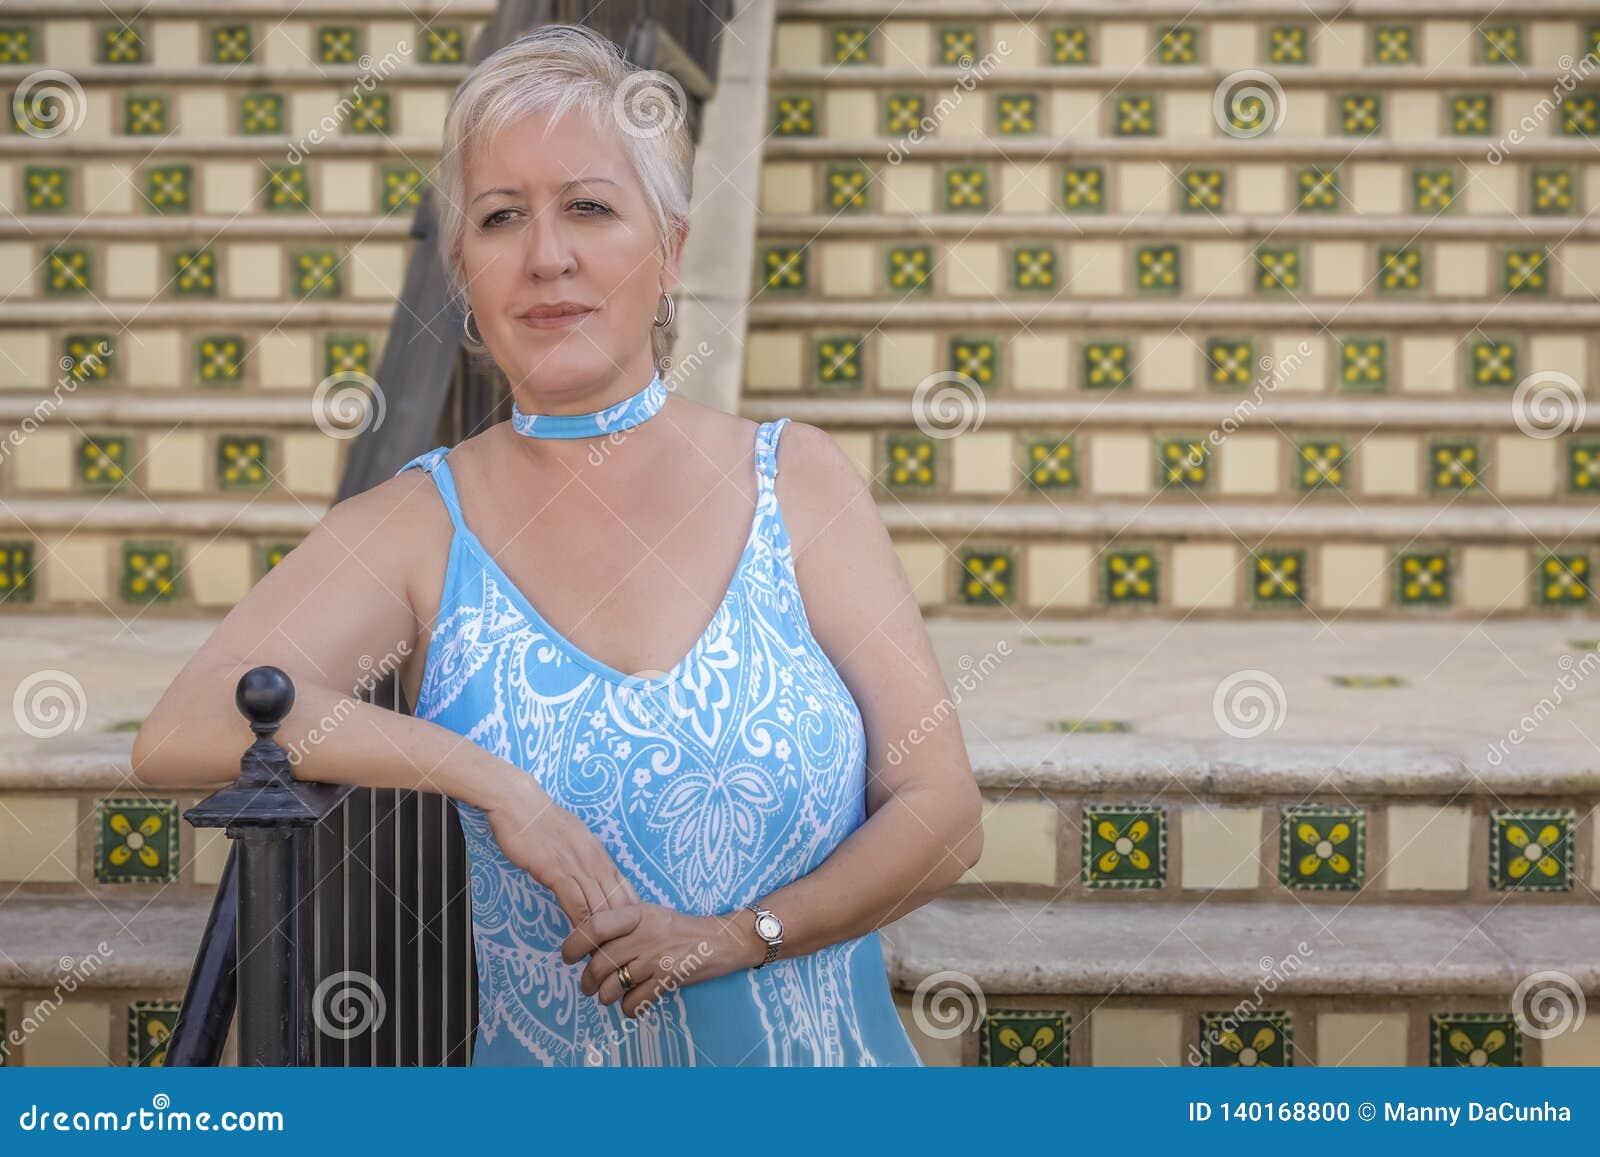 Μια ώριμη σύγχρονη ξανθή γυναίκα περιμένει στο κατώτατο σημείο των βημάτων που κλίνουν στη ράγα